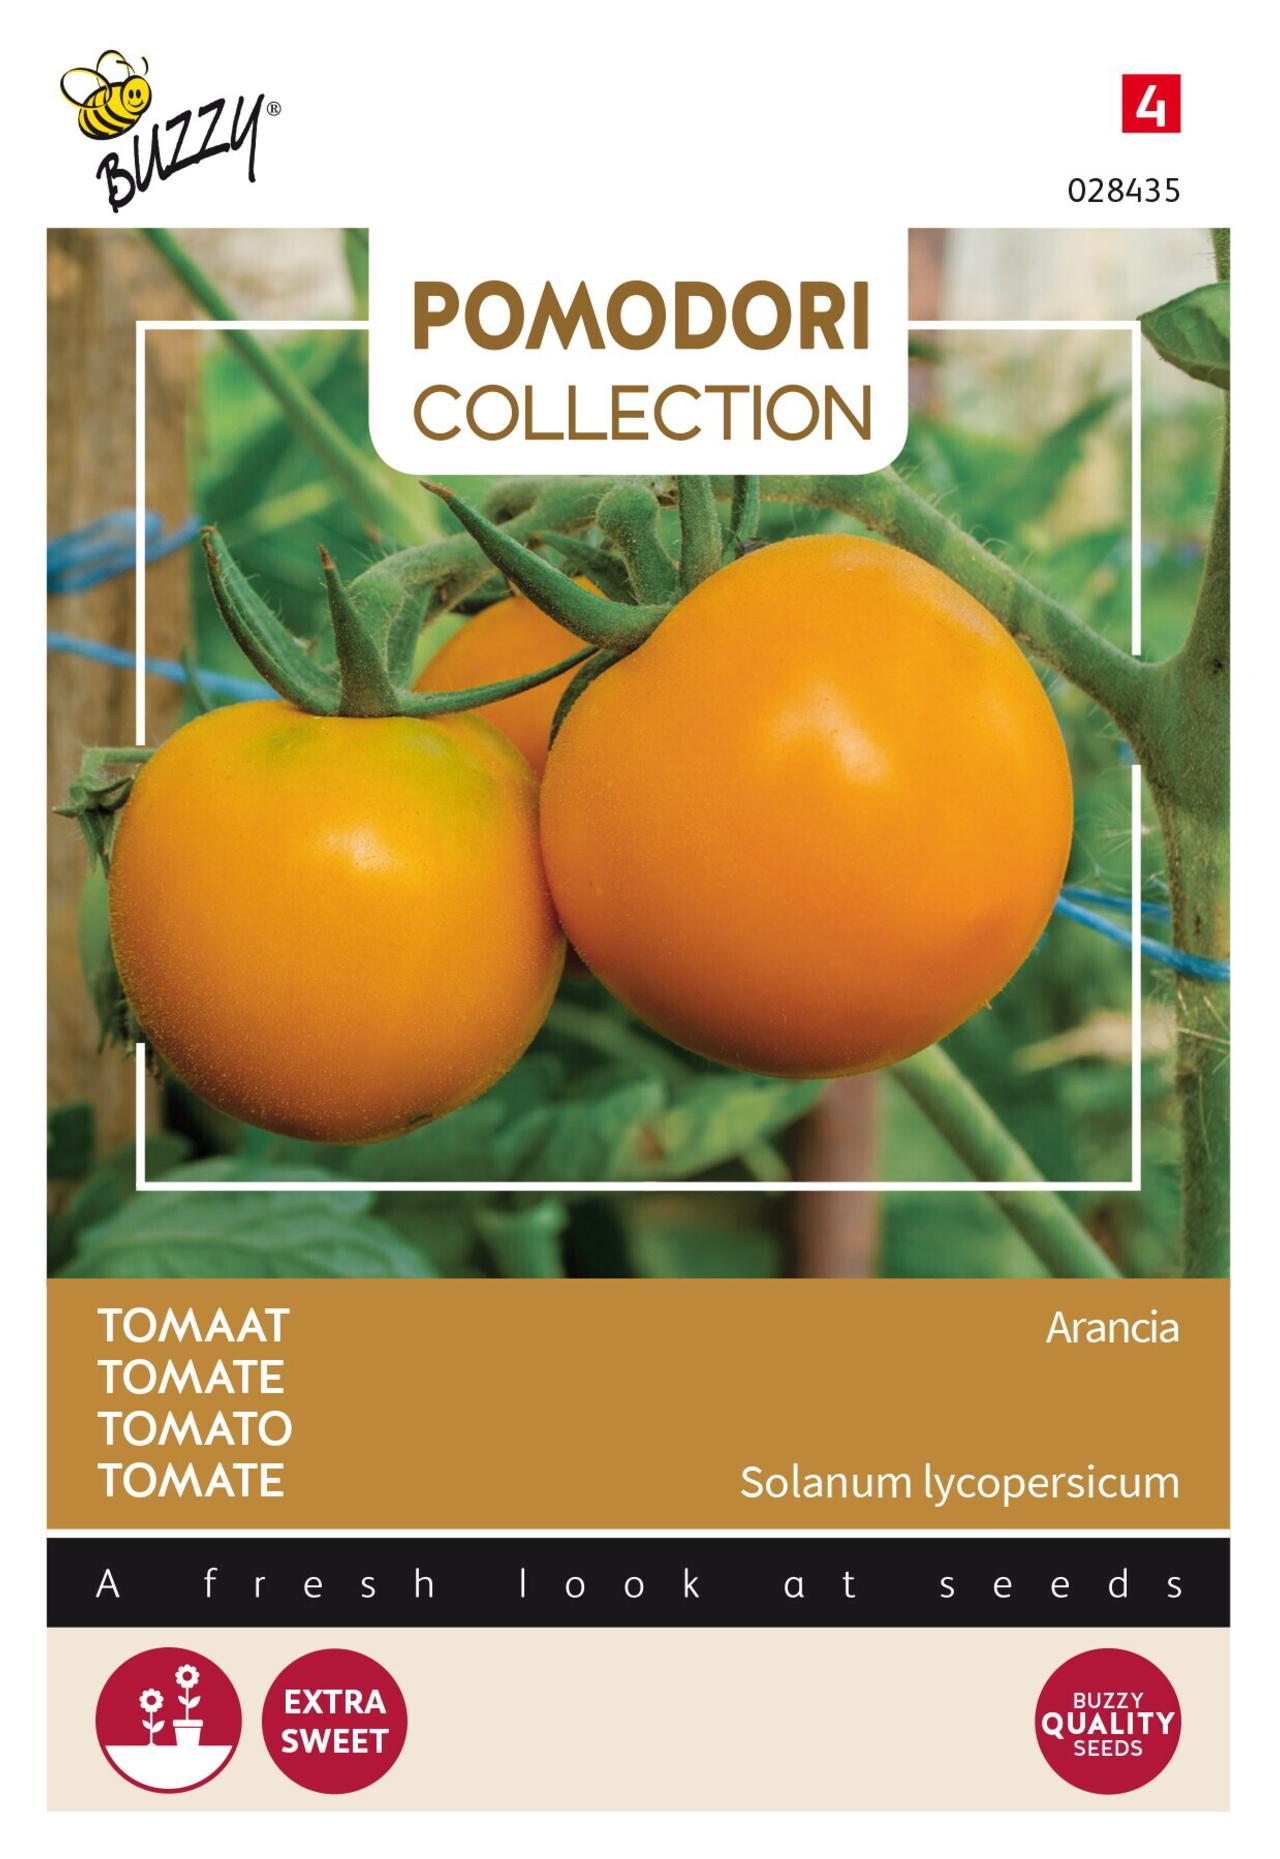 Solanum lycopersicum 'Arancia' plant